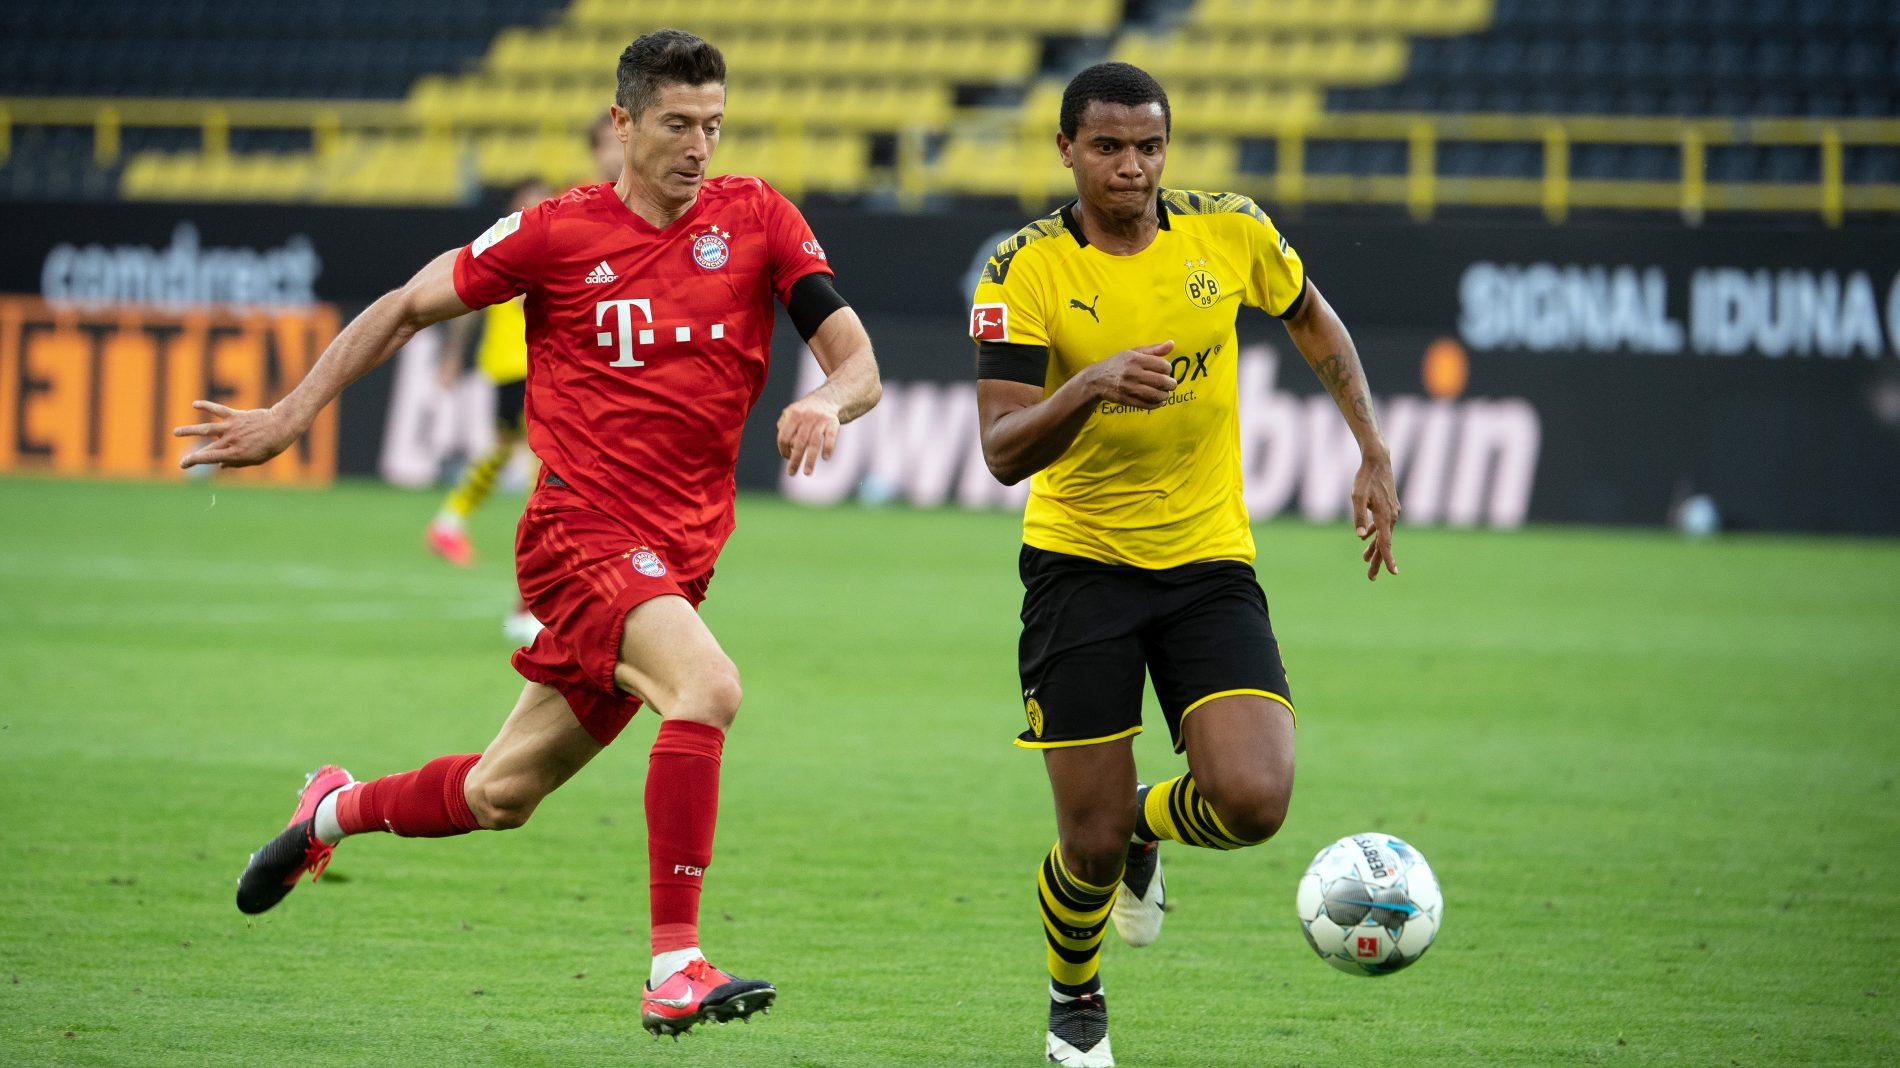 小鲁梅尼格:多特拥有冠军阵容,但最大问题是德甲有拜仁